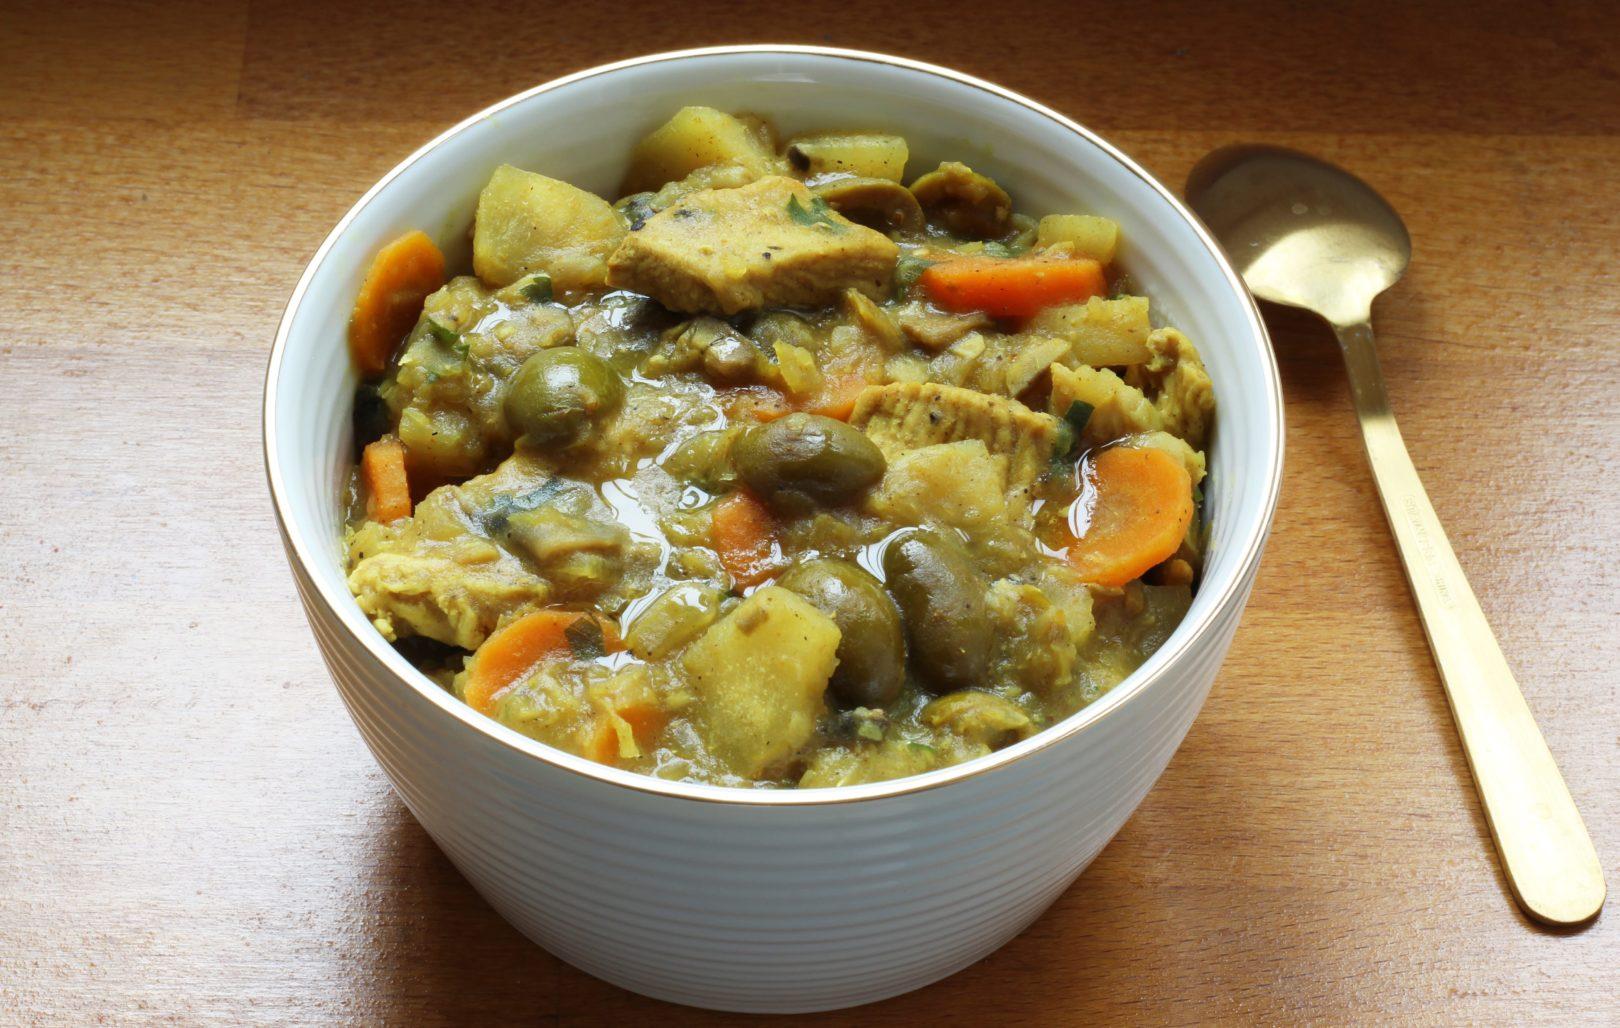 ragout-de-poulet-aux-olives-et-manioc